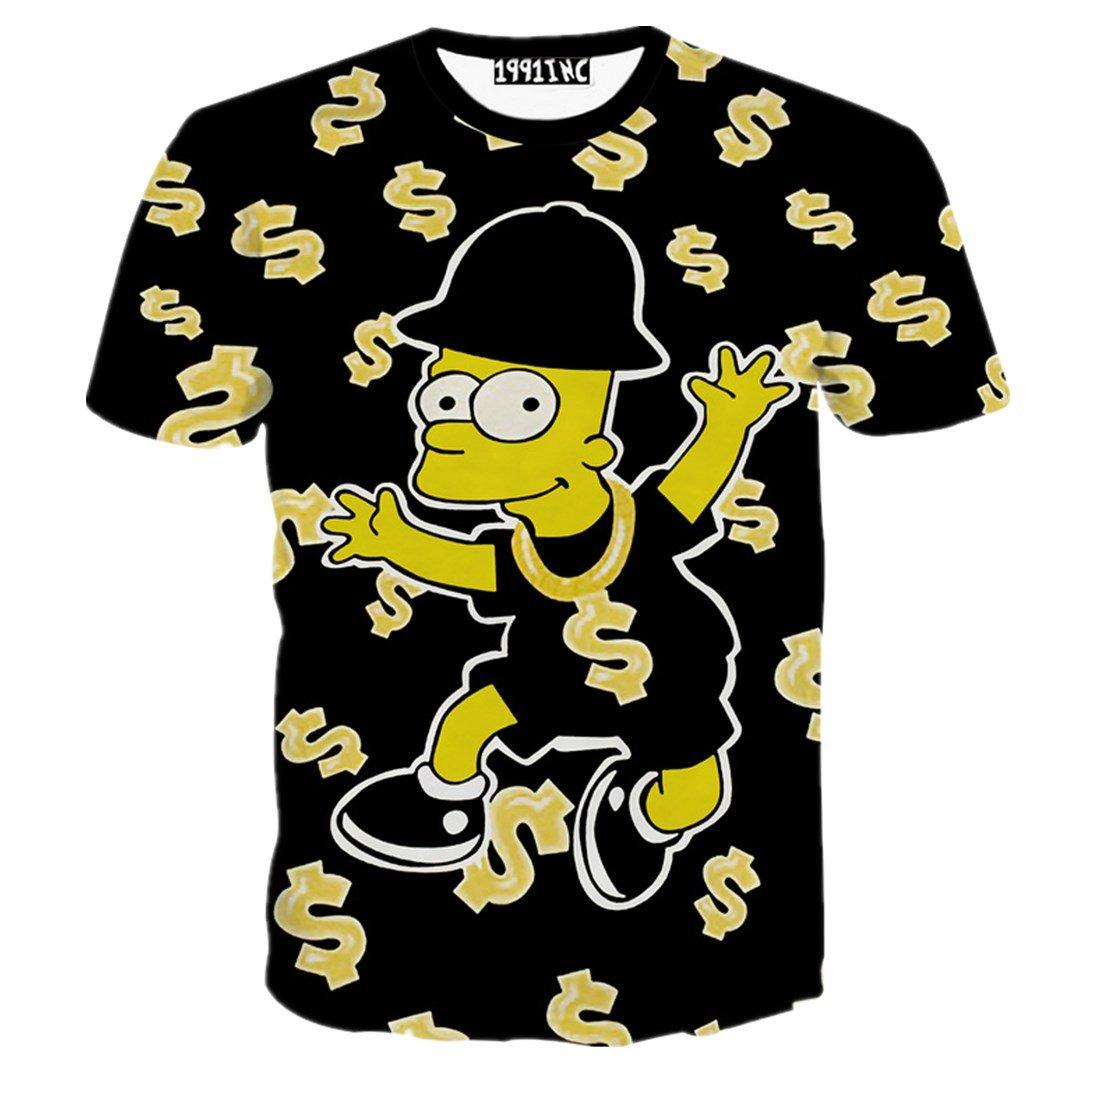 Men's Fashion USD $ 3D Print Hip Hop Style T-Shirts